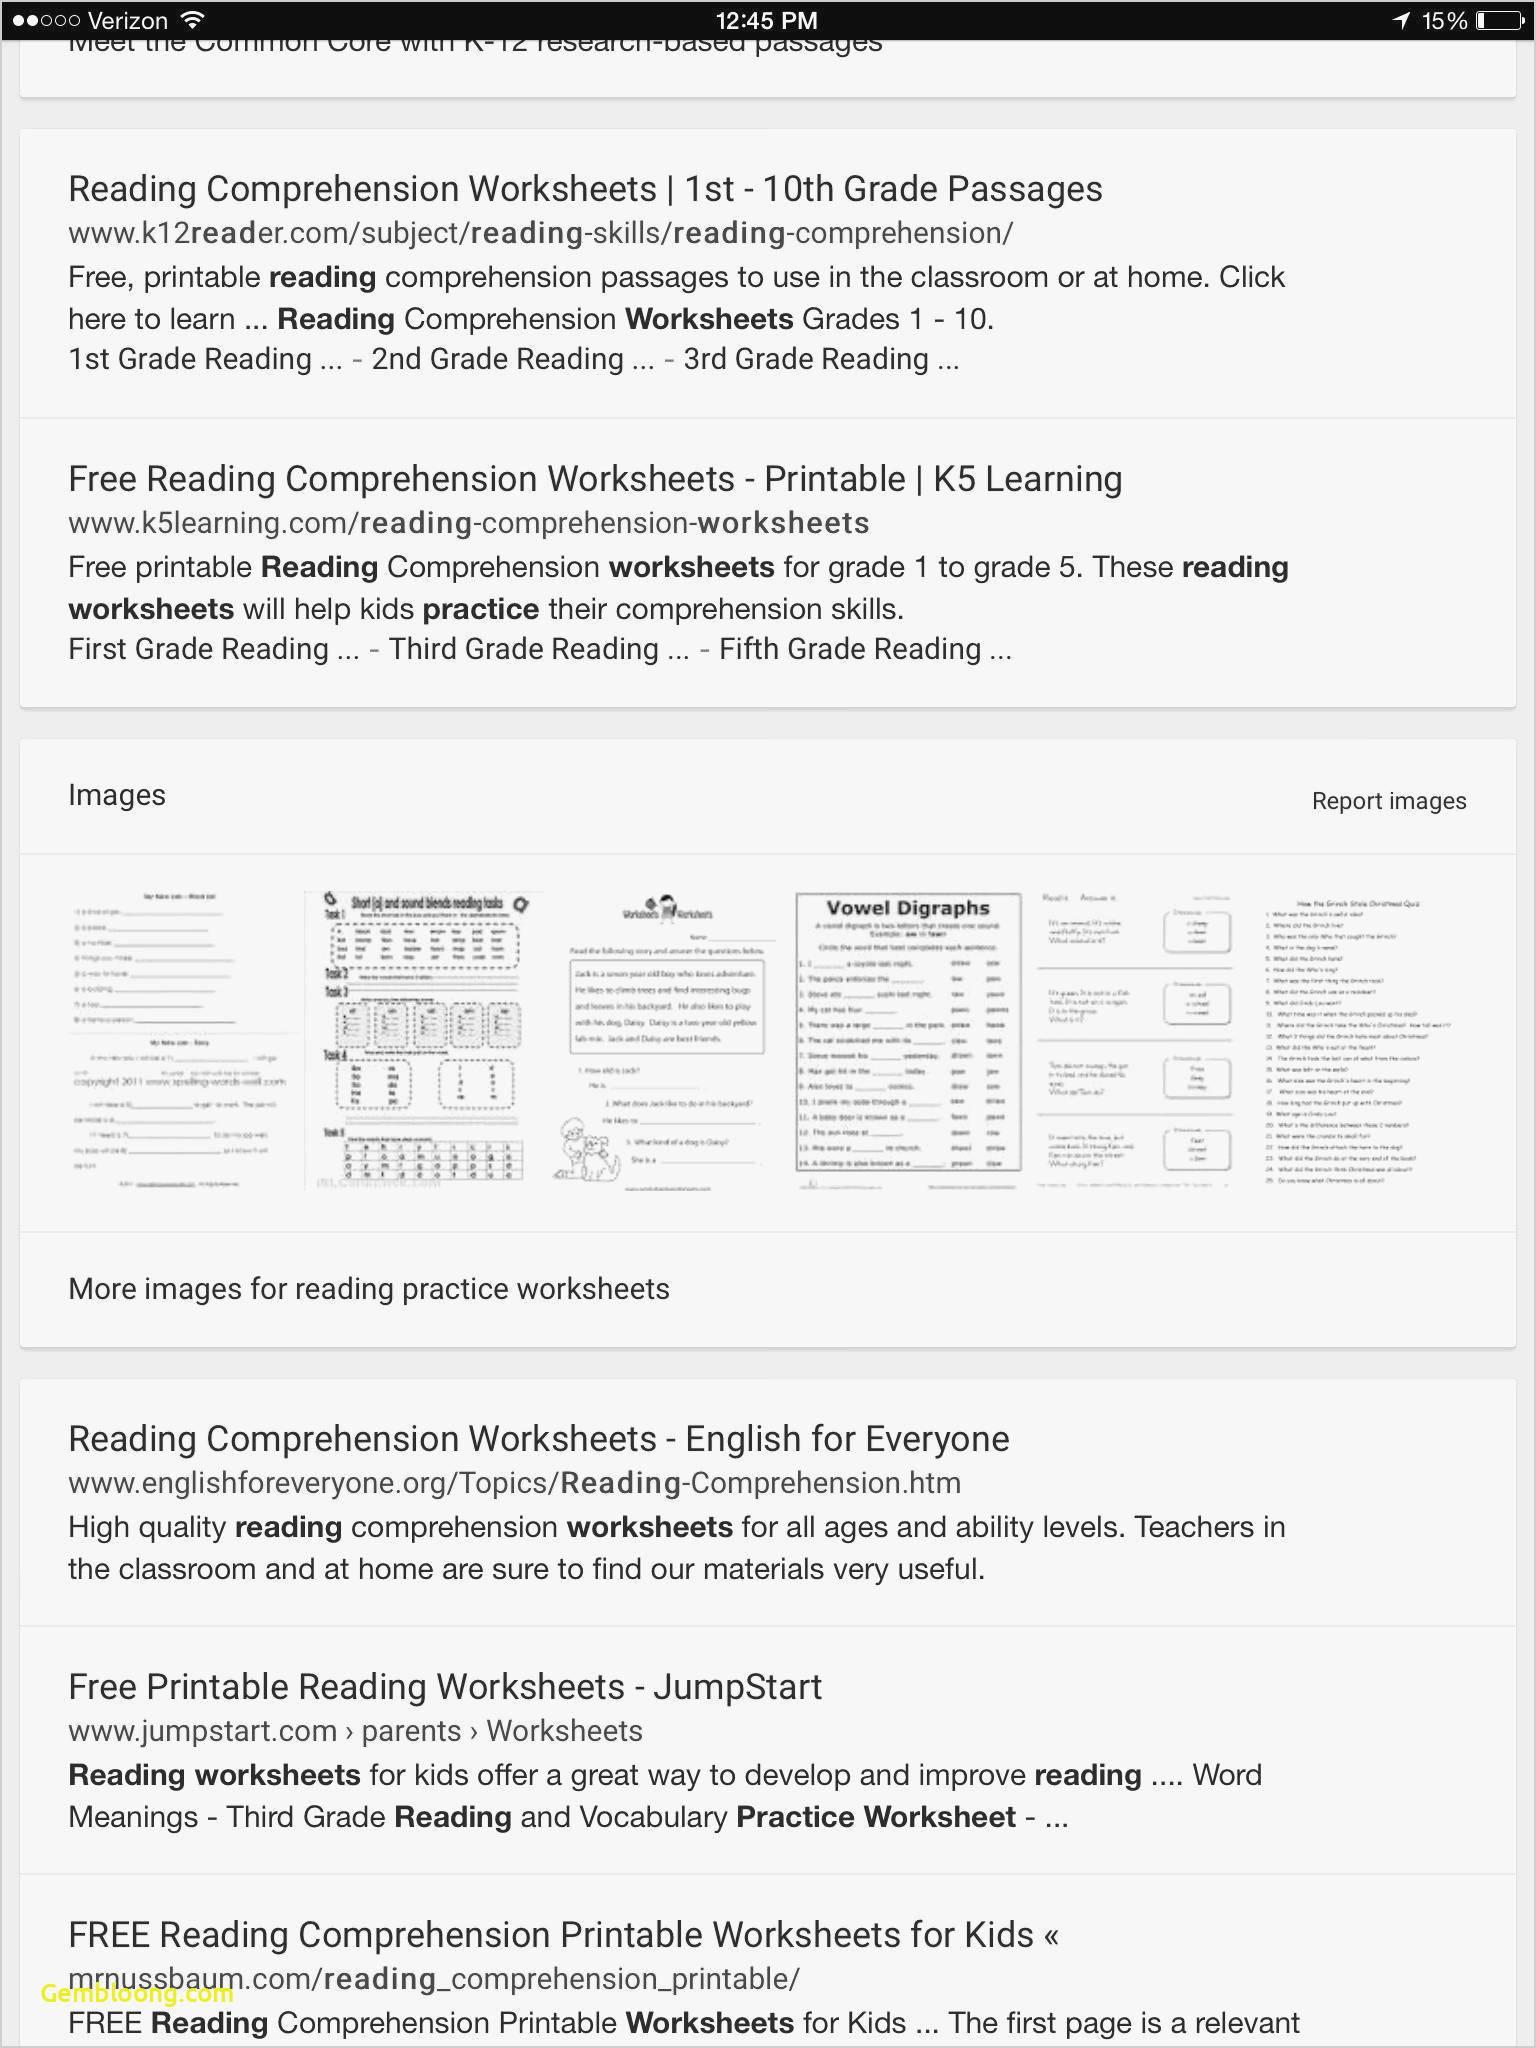 Reading Comprehension Worksheets For 1St Grade - Cramerforcongress   Third Grade Reading Worksheets Free Printable